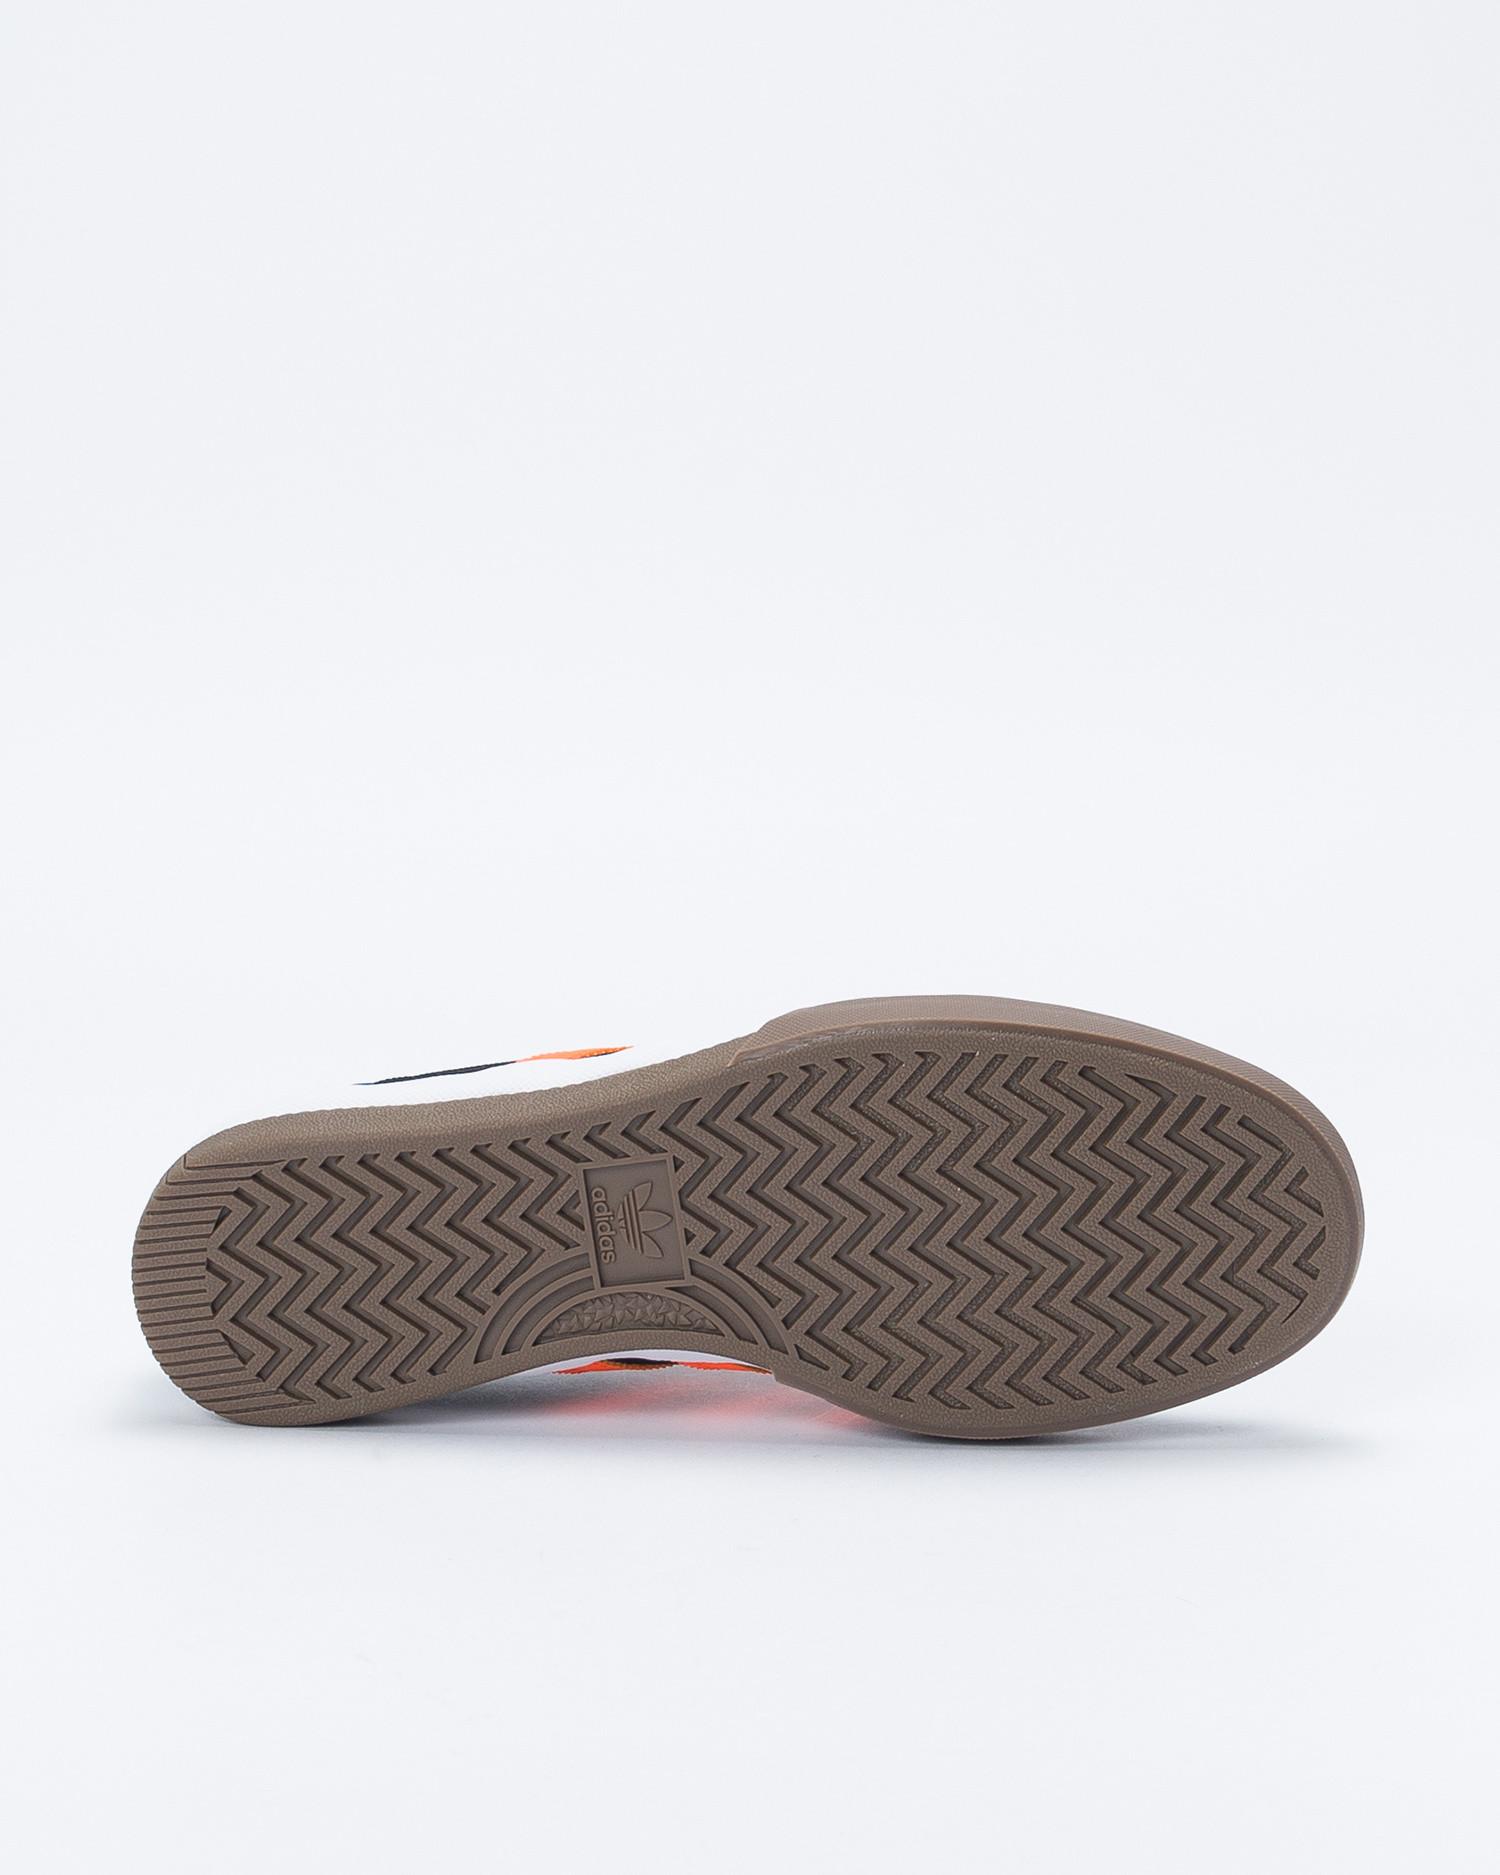 adidas Lucas Premiere CBlack/Sorang/Ftwwht